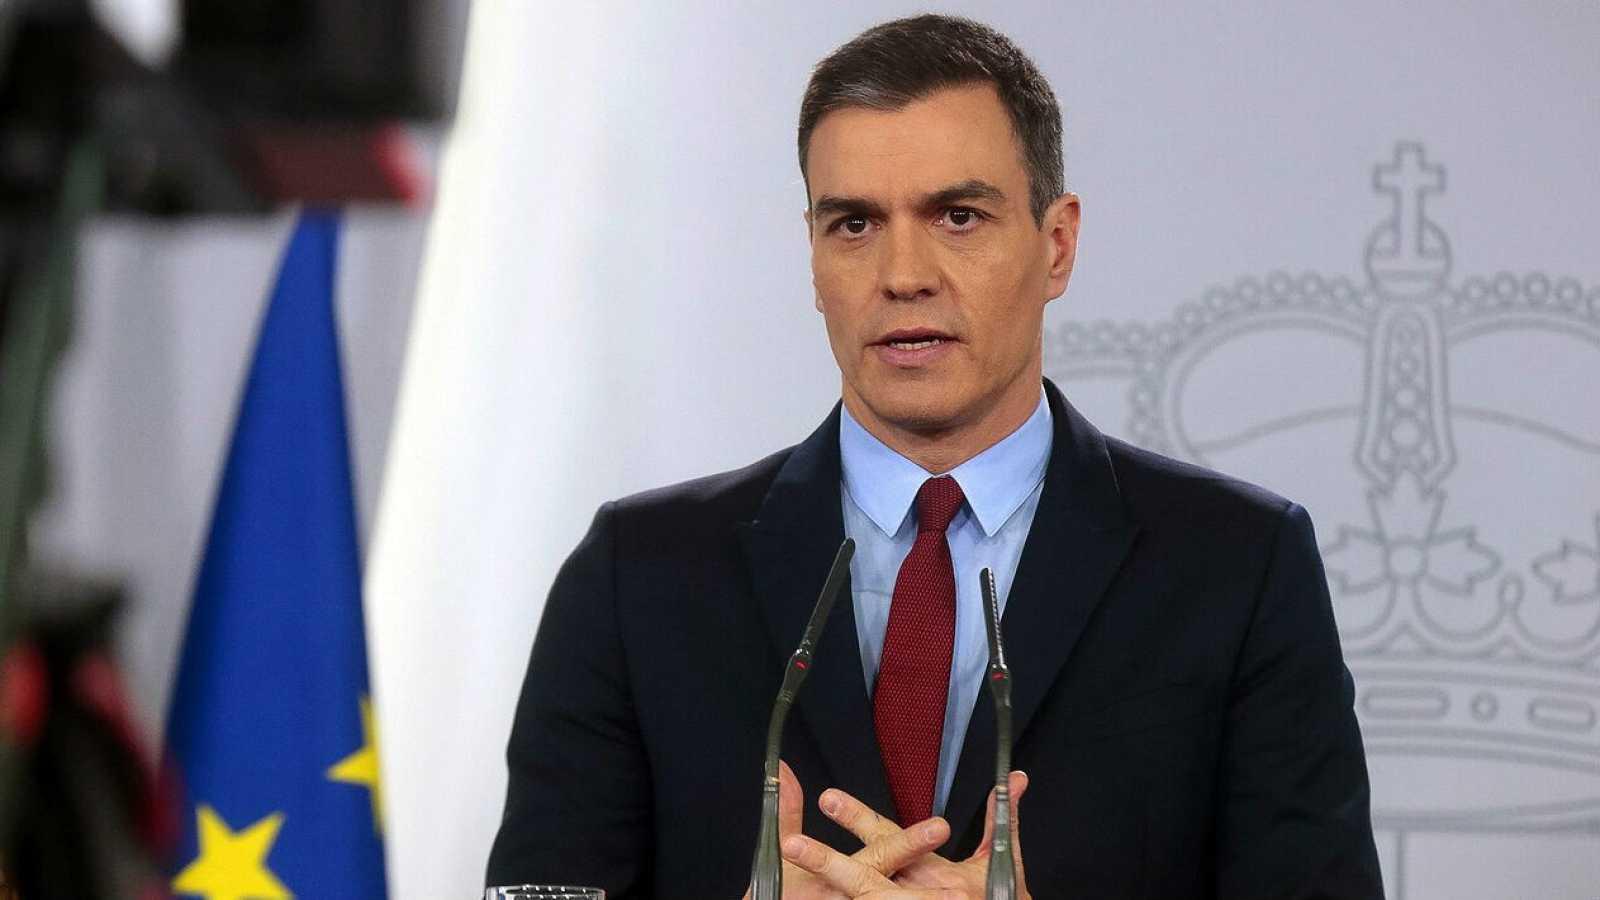 El presidente del Gobierno, Pedro Sánchez, en una comparecencia durante el estado de alarma.